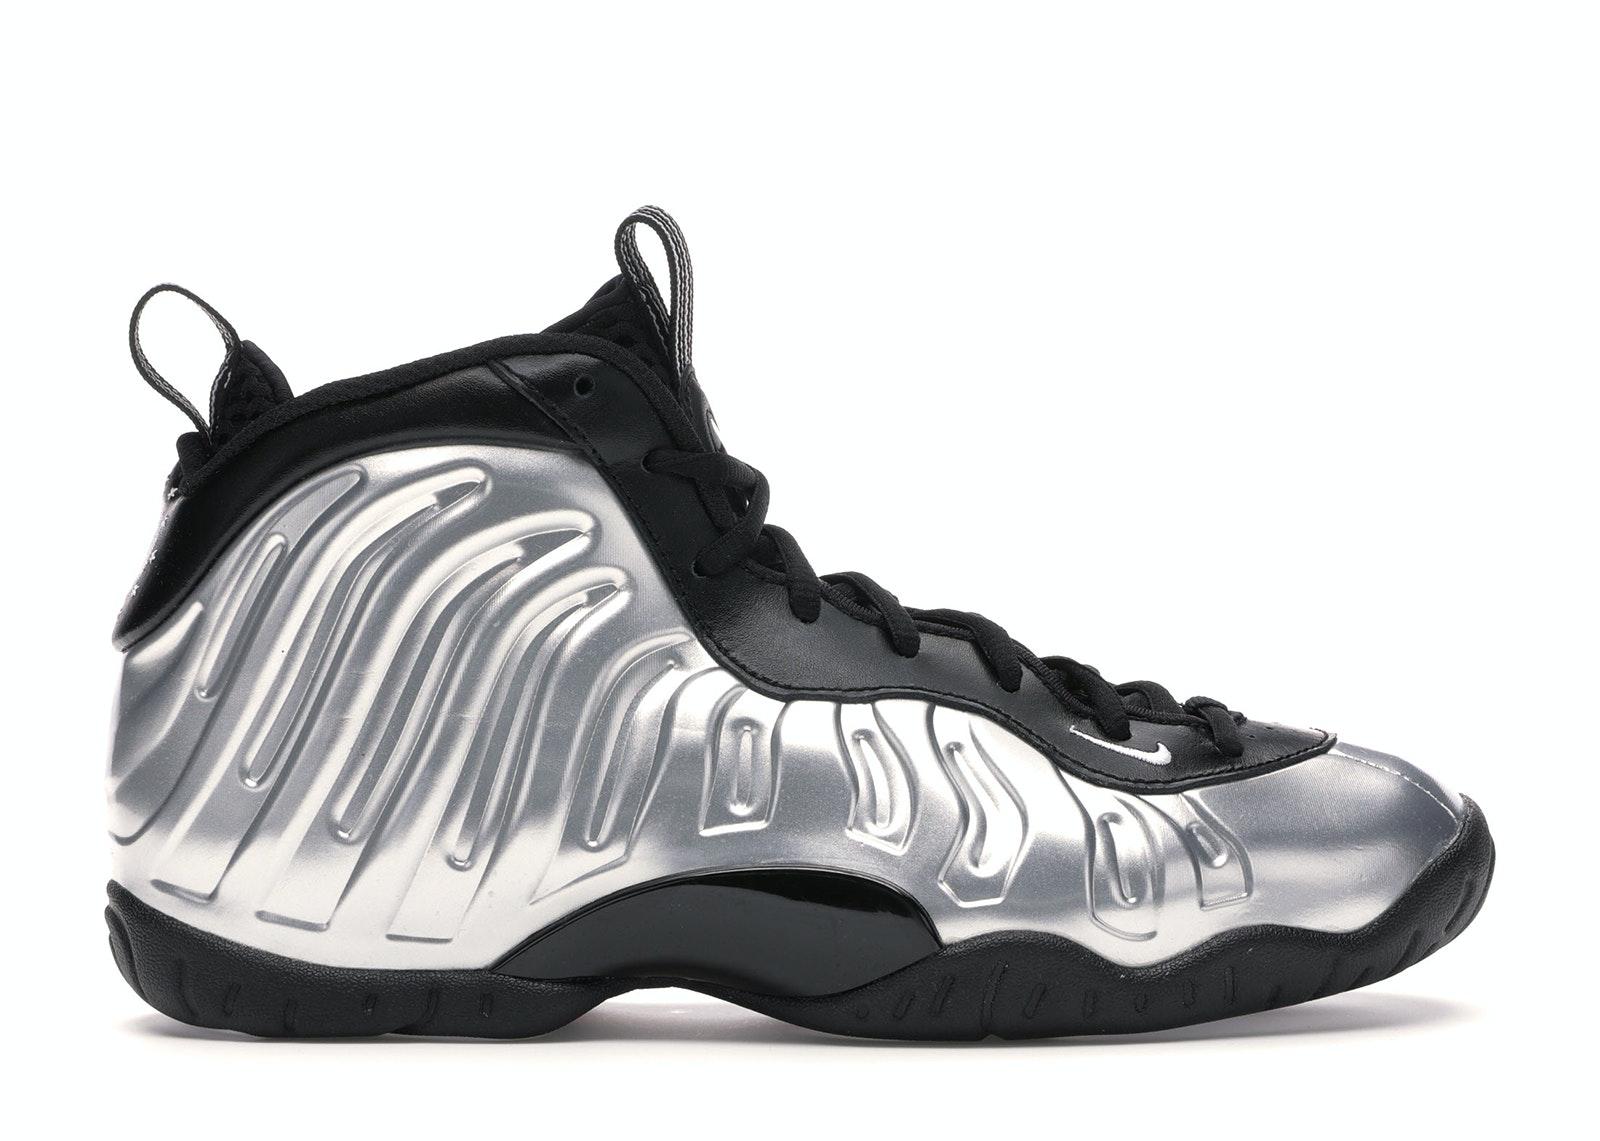 Nike Air Foamposite One Knicks 314996 801